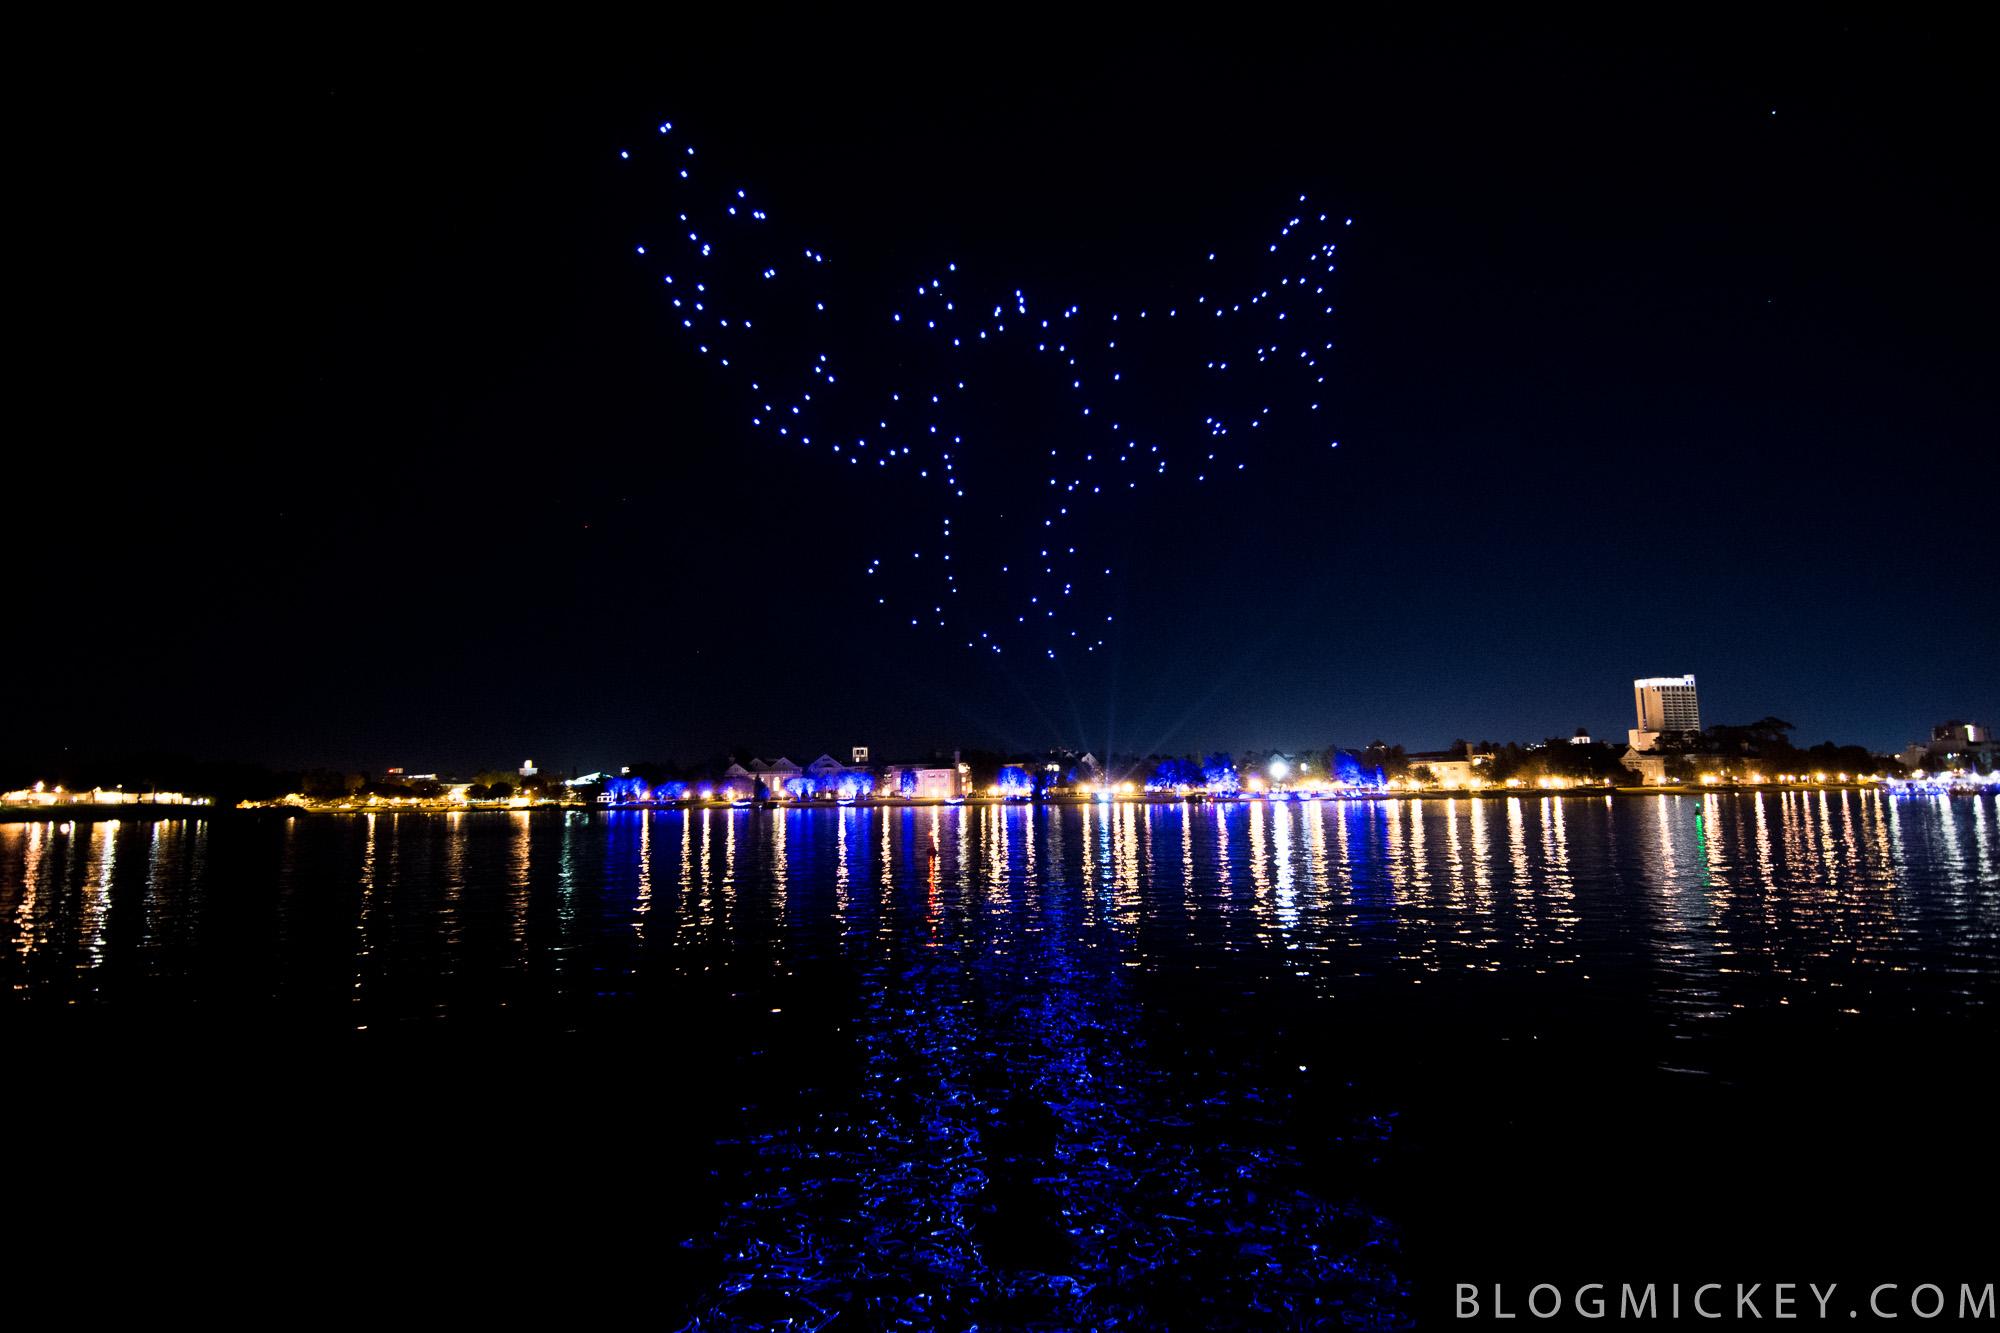 disneyspringsstarbrightdrones-4